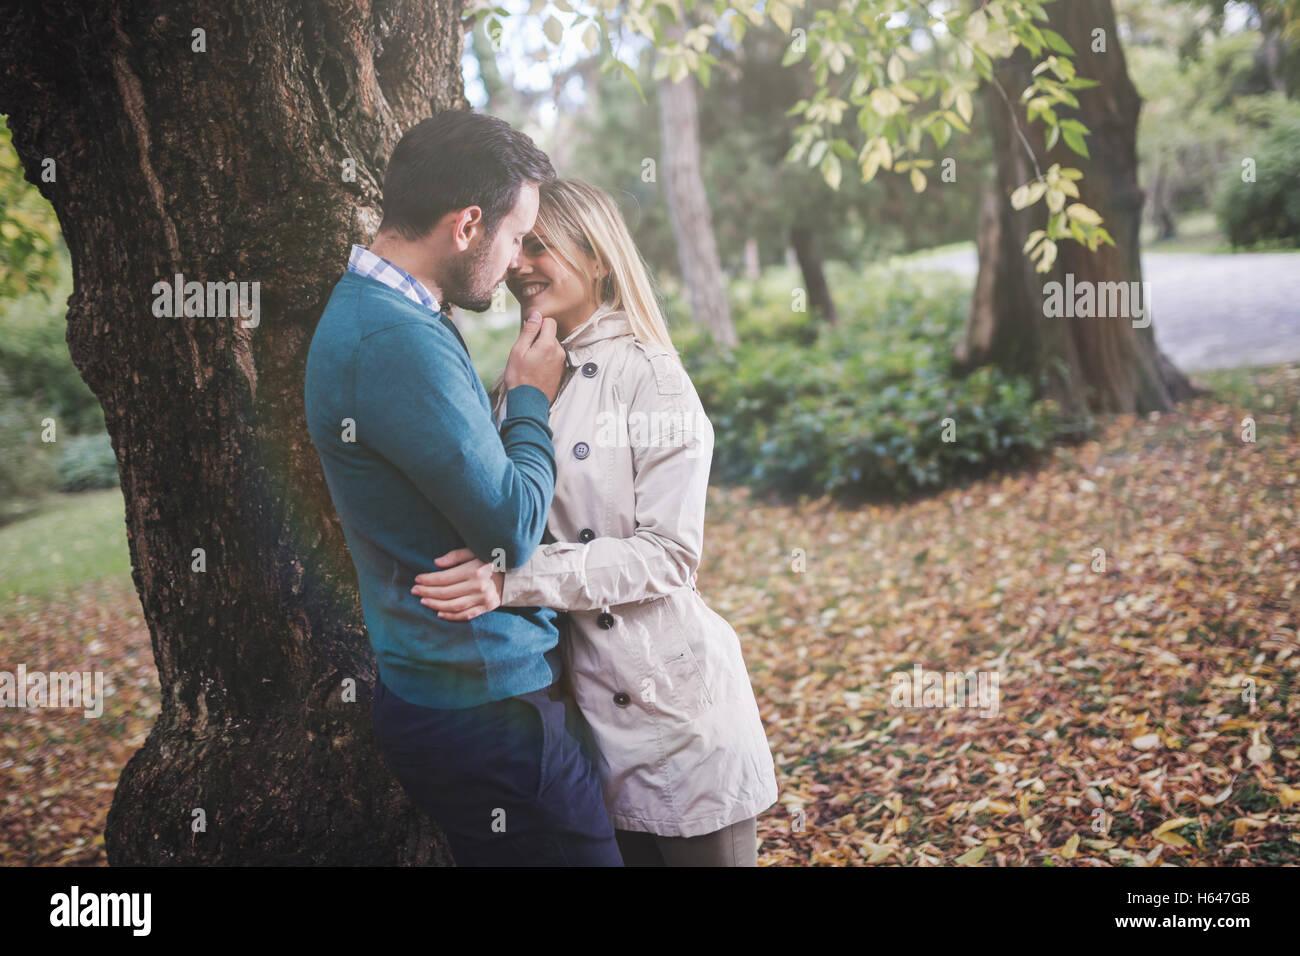 Feliz pareja amorosa caminar en el parque Imagen De Stock